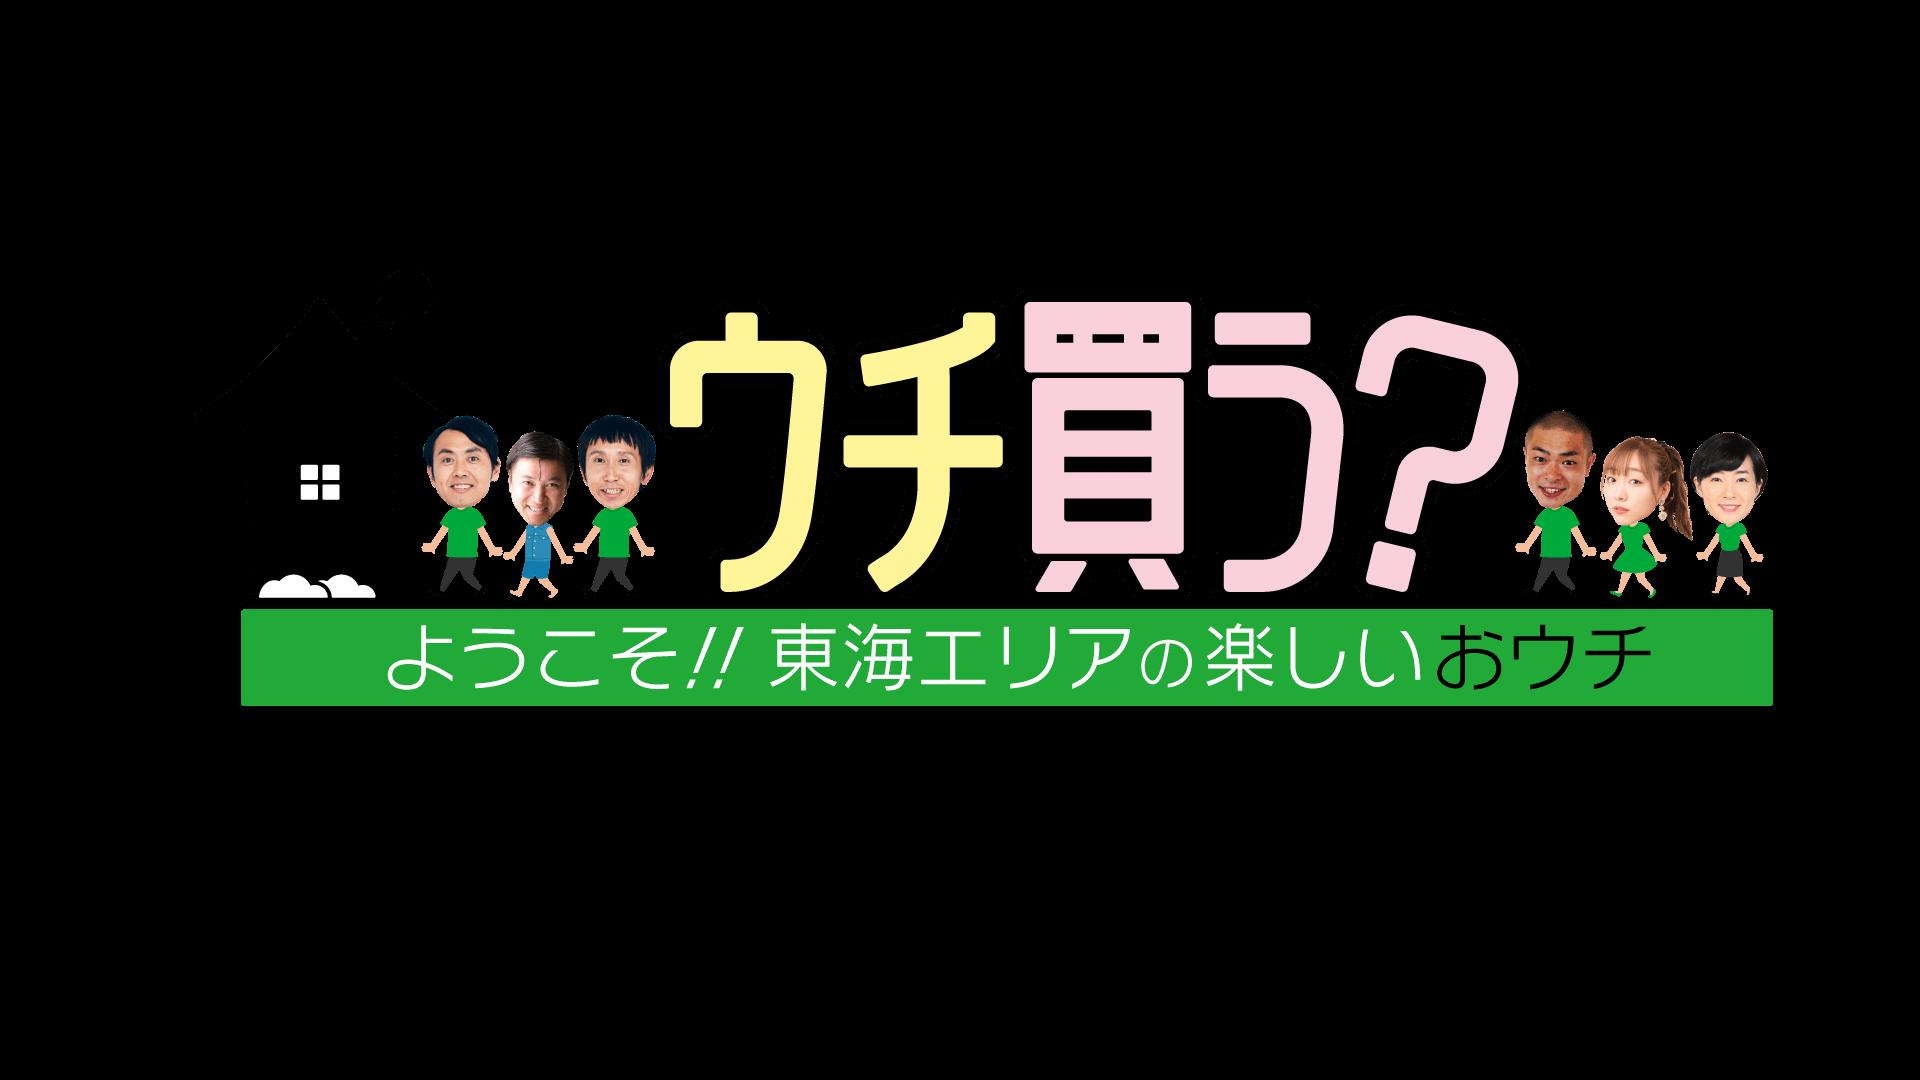 【中京テレビで生放送!】新店舗ZENSHOO小牧店が紹介されます♪